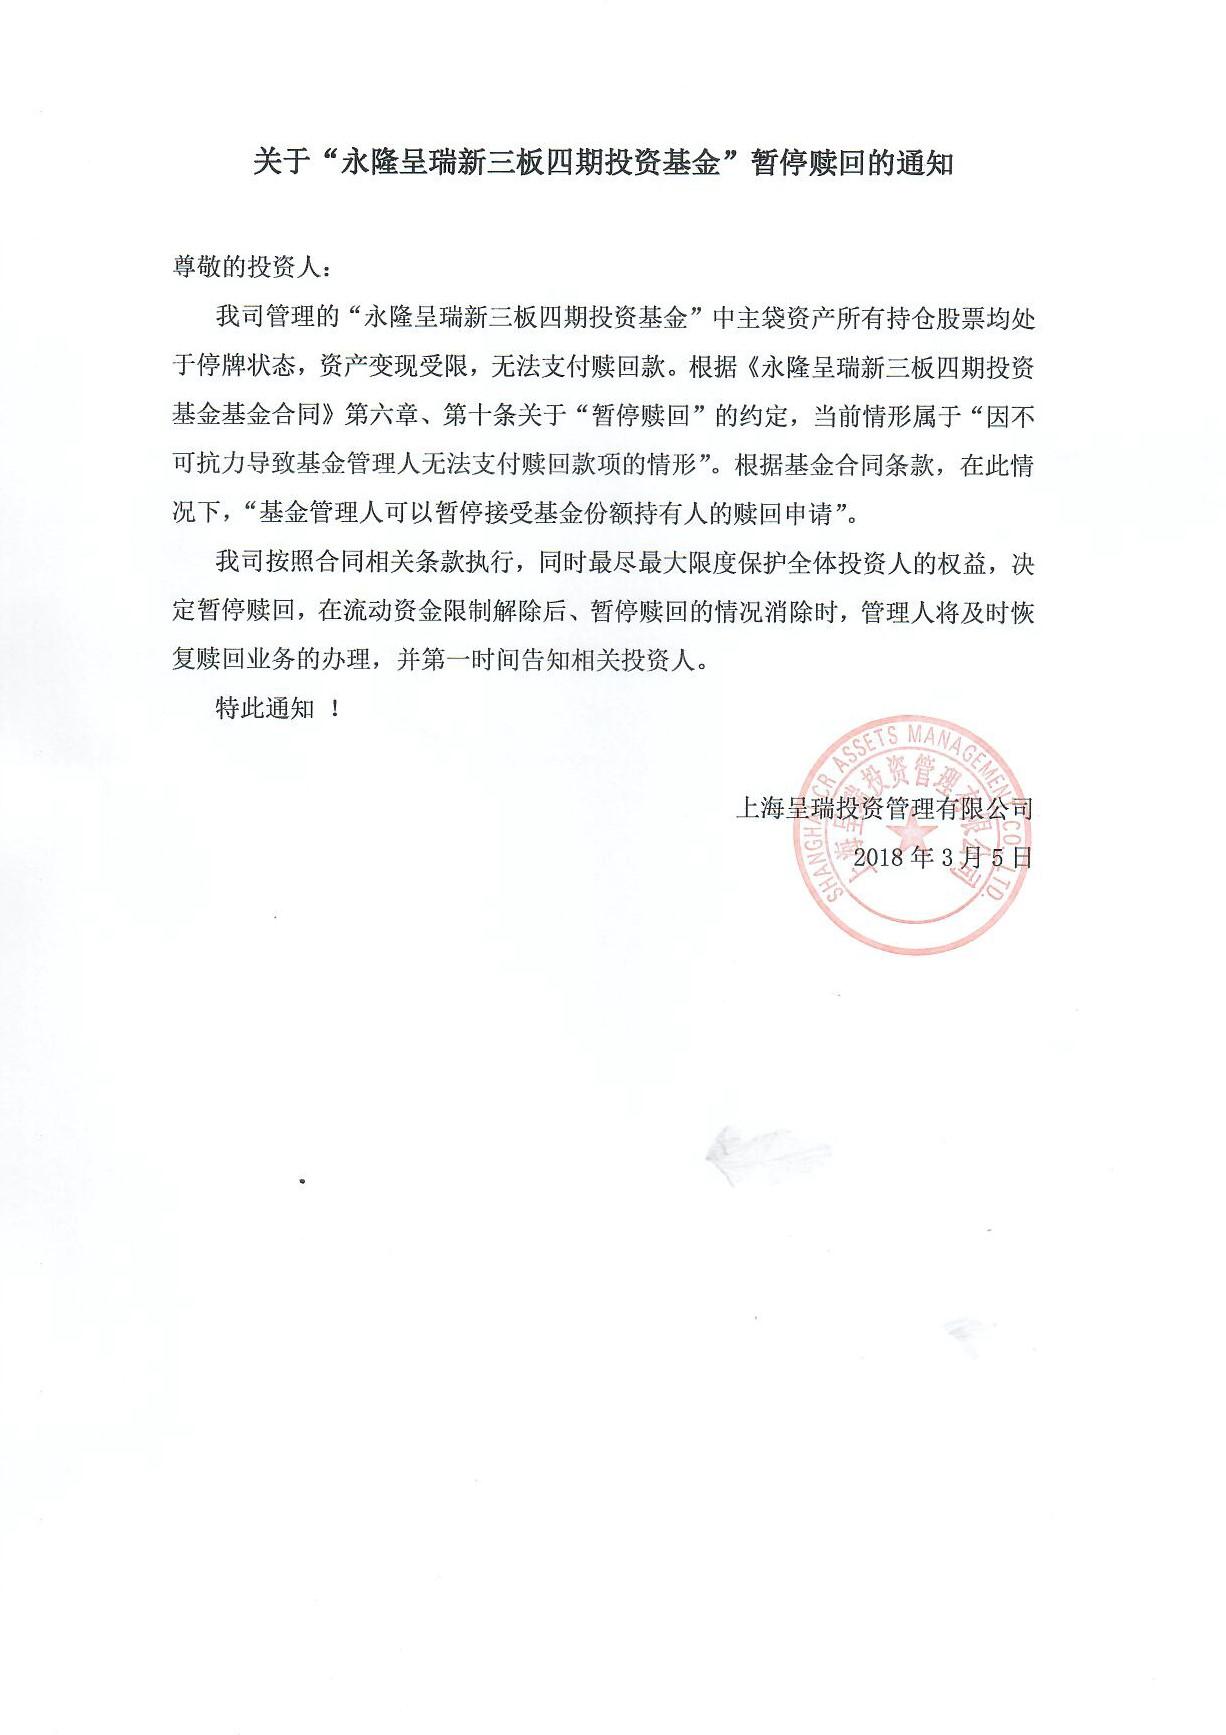 20180305关于永隆呈瑞新三板四期投资基金暂停赎回的通知函.jpg